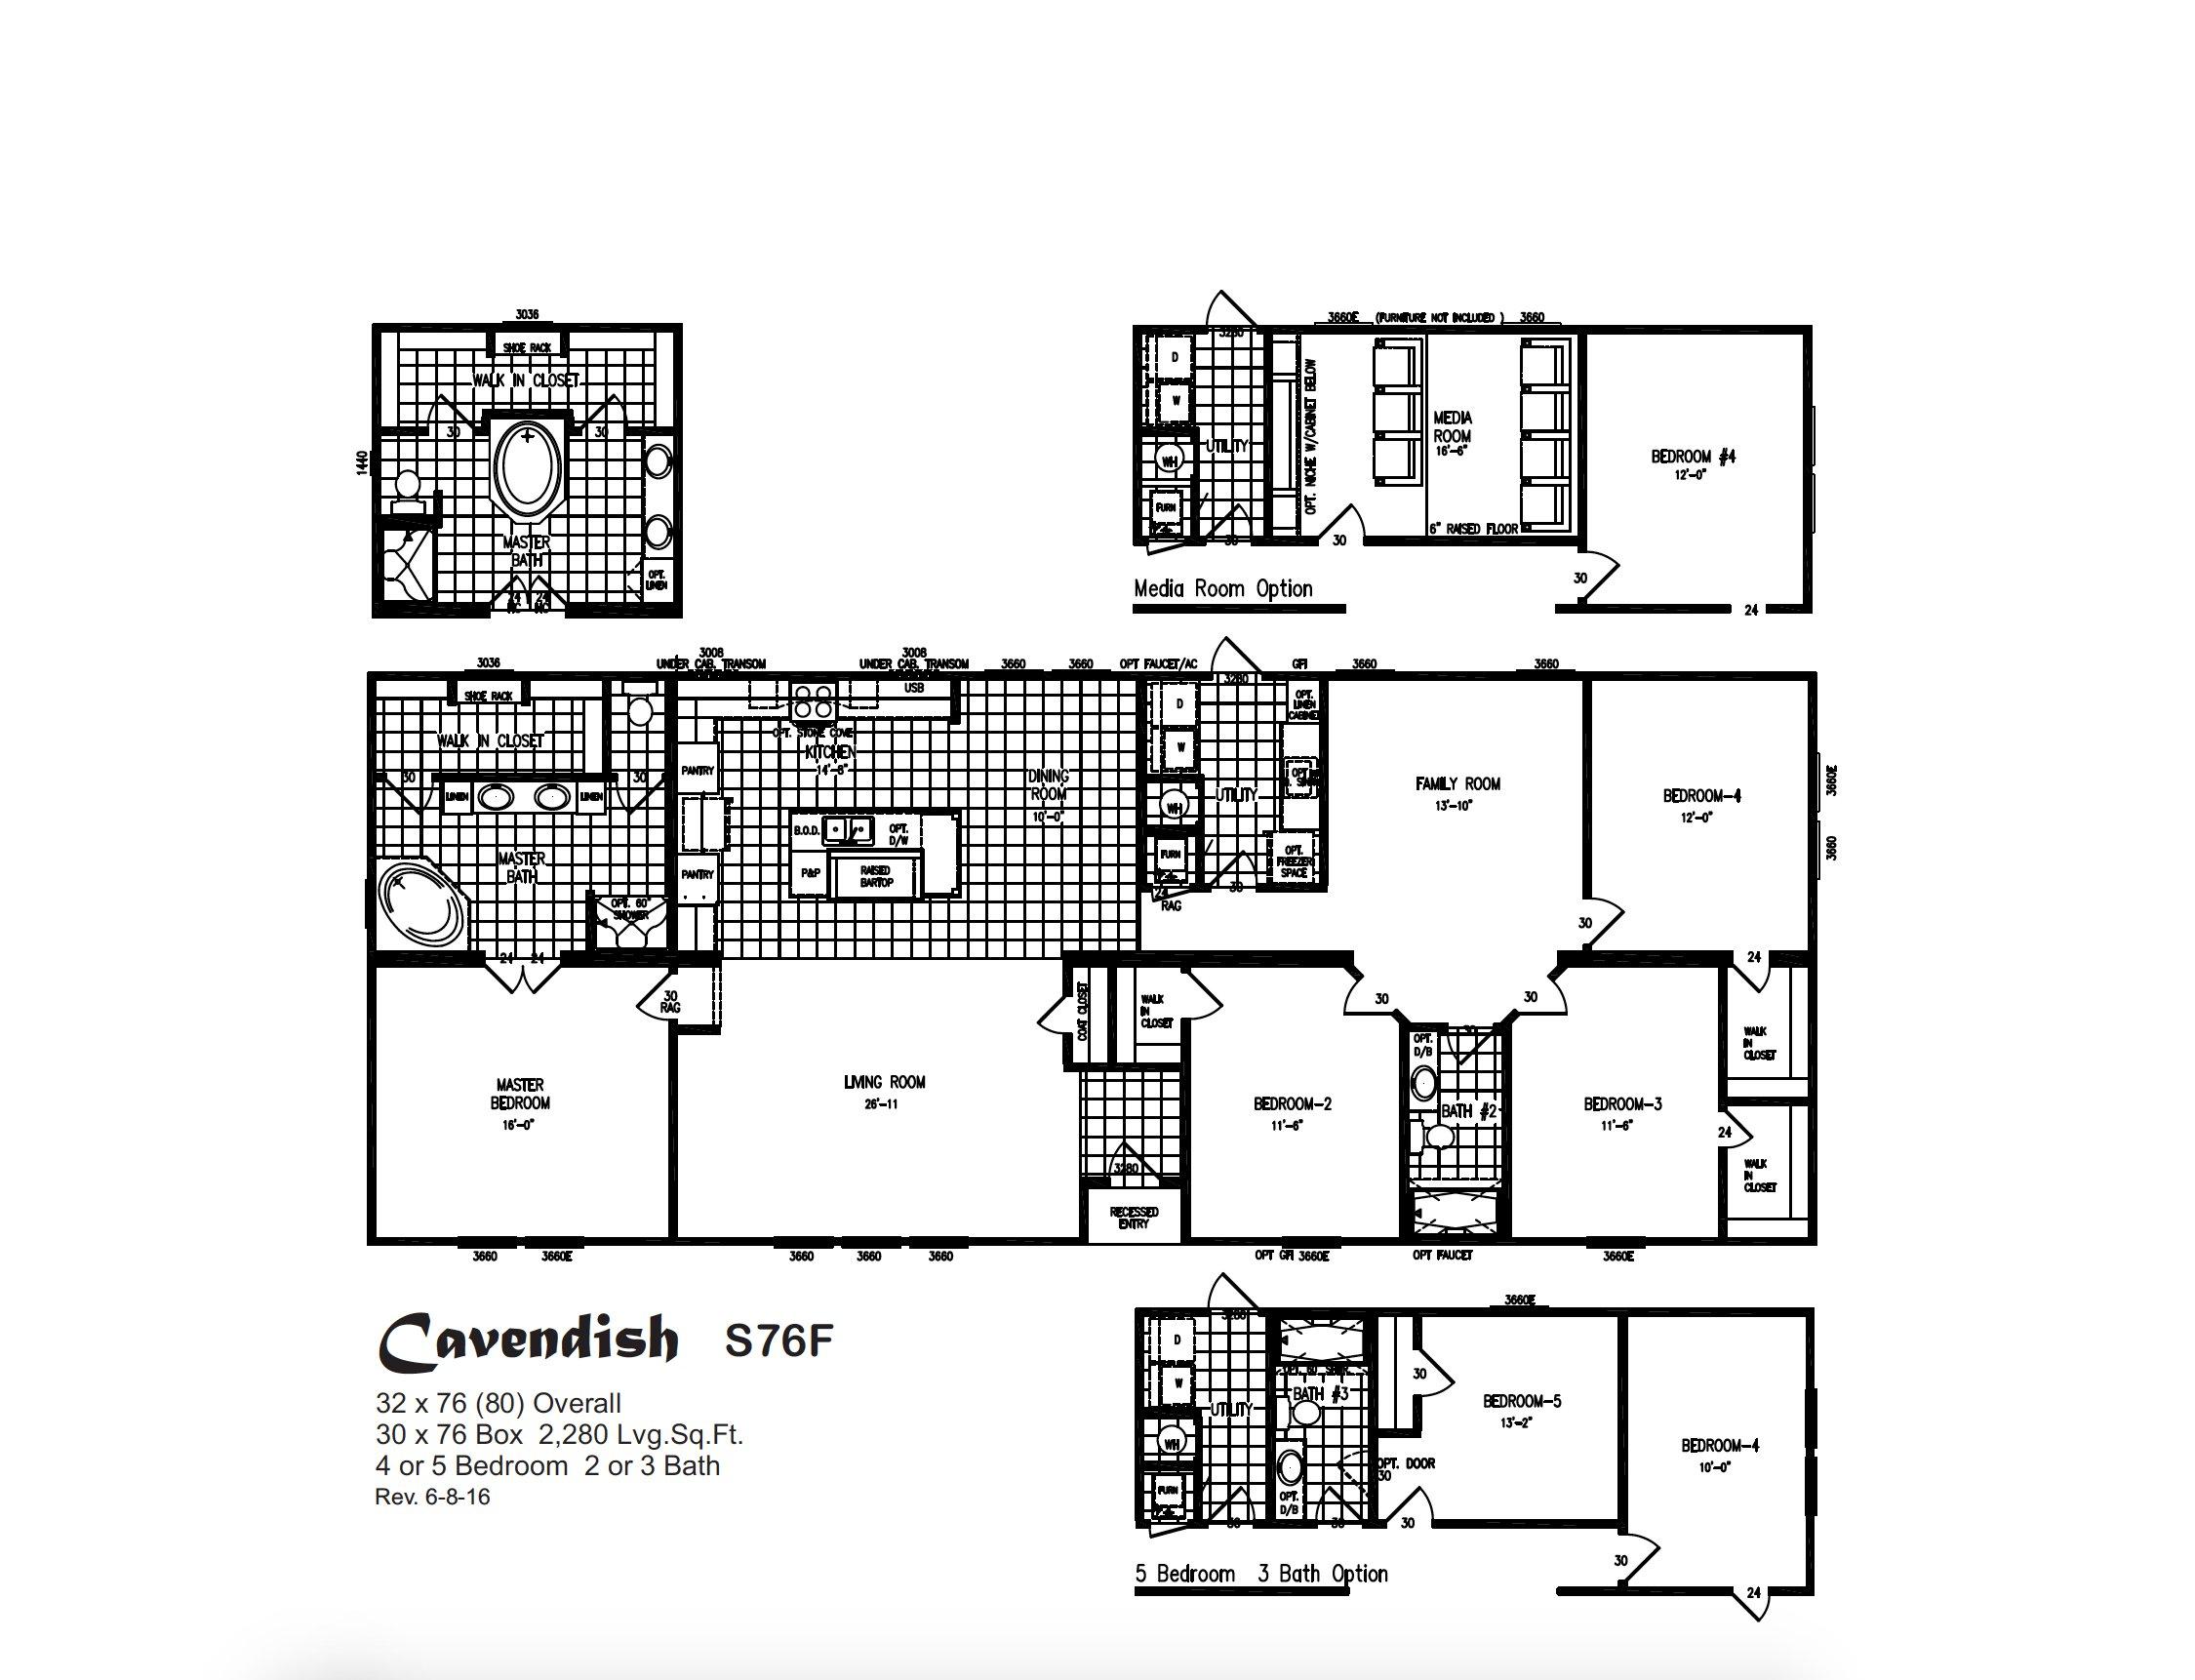 Prime Series - Cavendish S76F